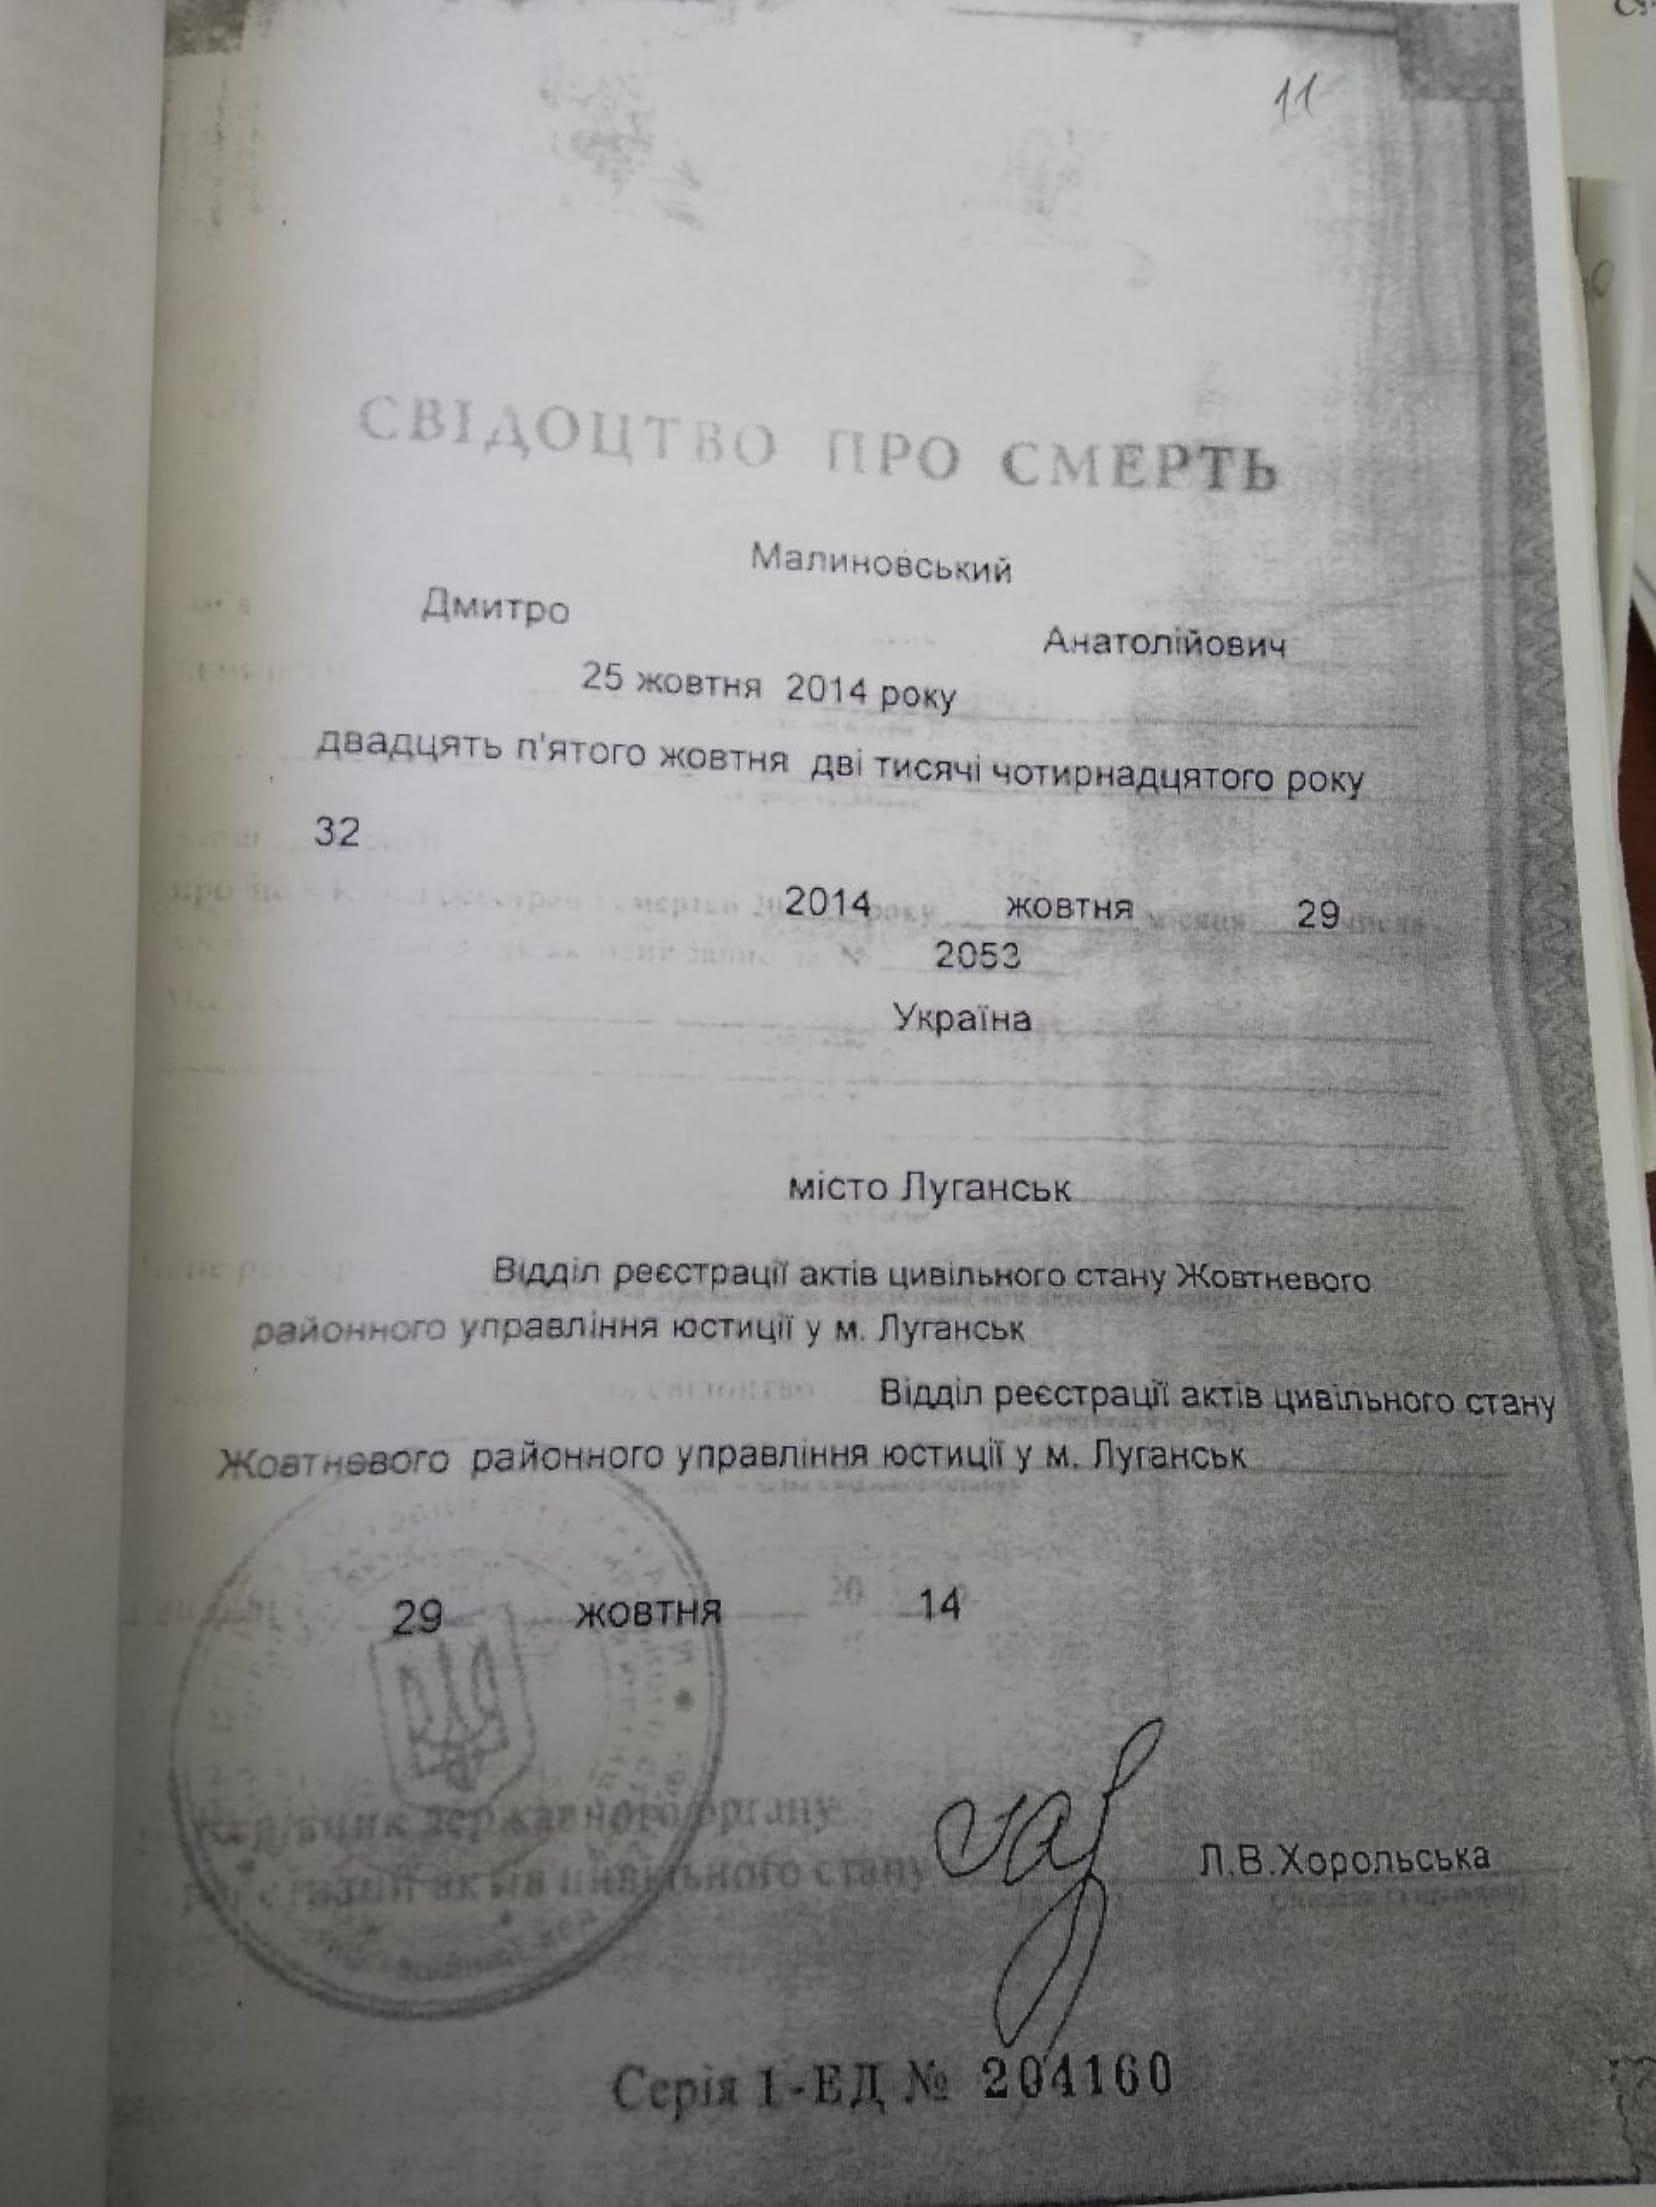 Фальшивое свидетельство о смерти Дмитрия Малиновского